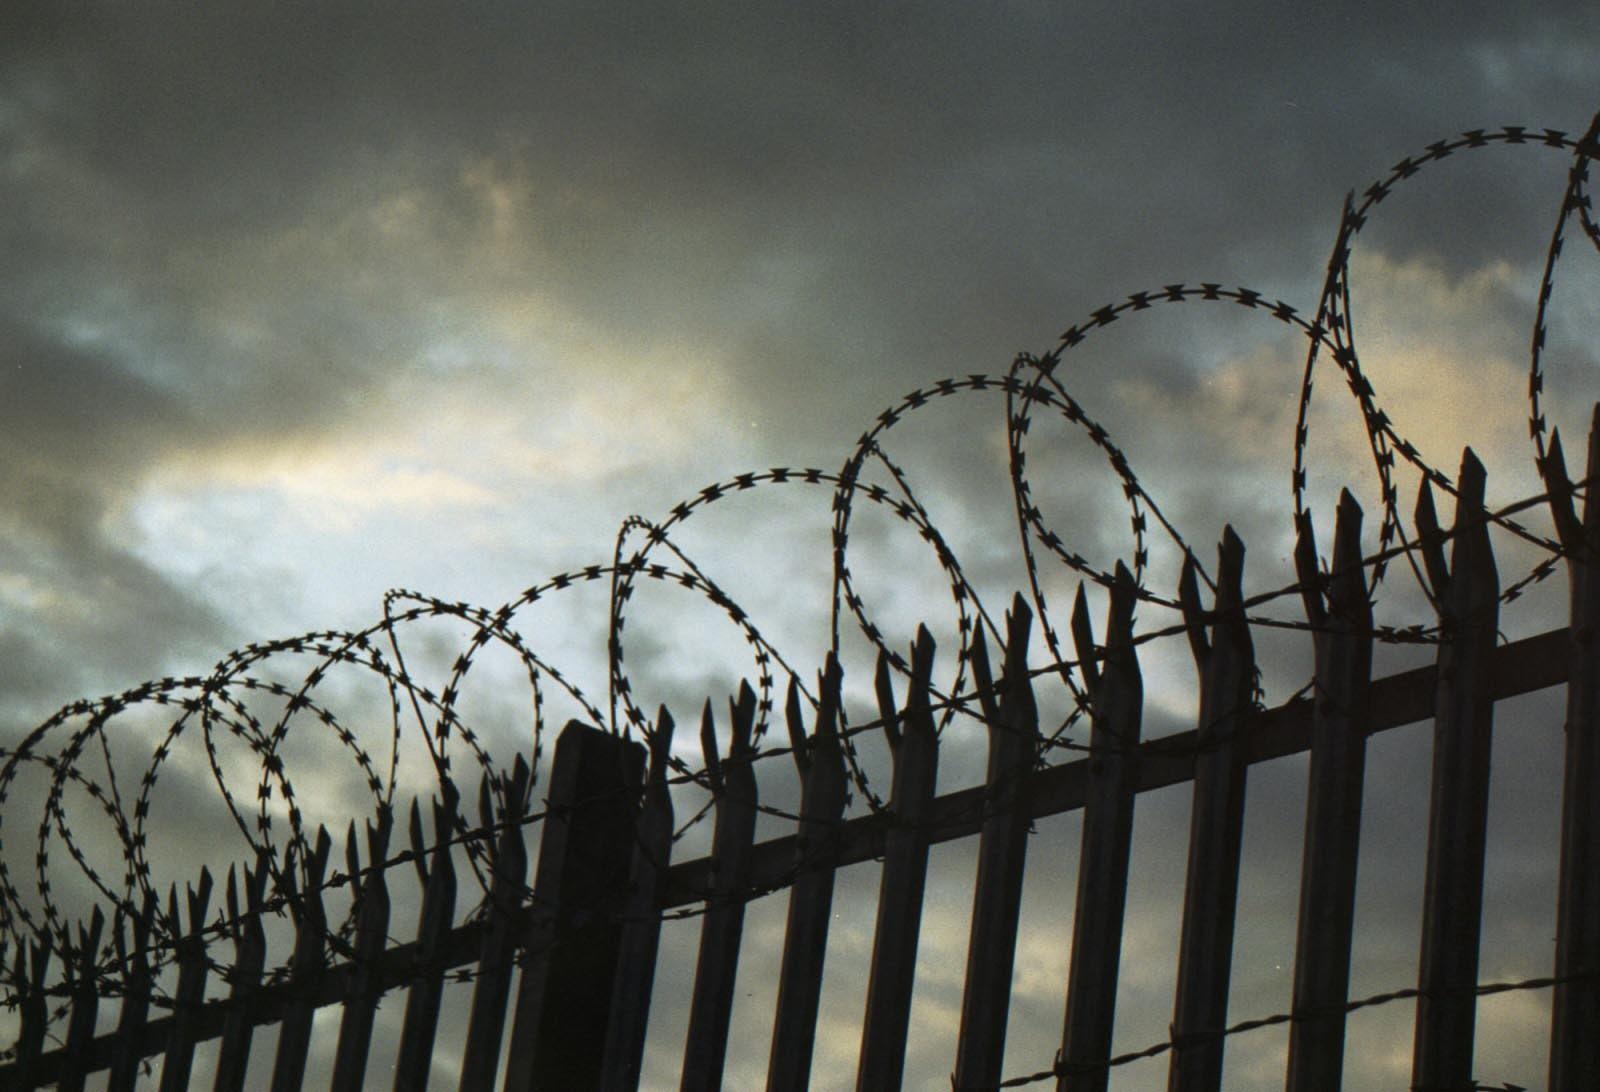 Вісім років за ґратами: у Києві засудили чоловіка, який до смерті забив сестру -  - tyuryaga 1